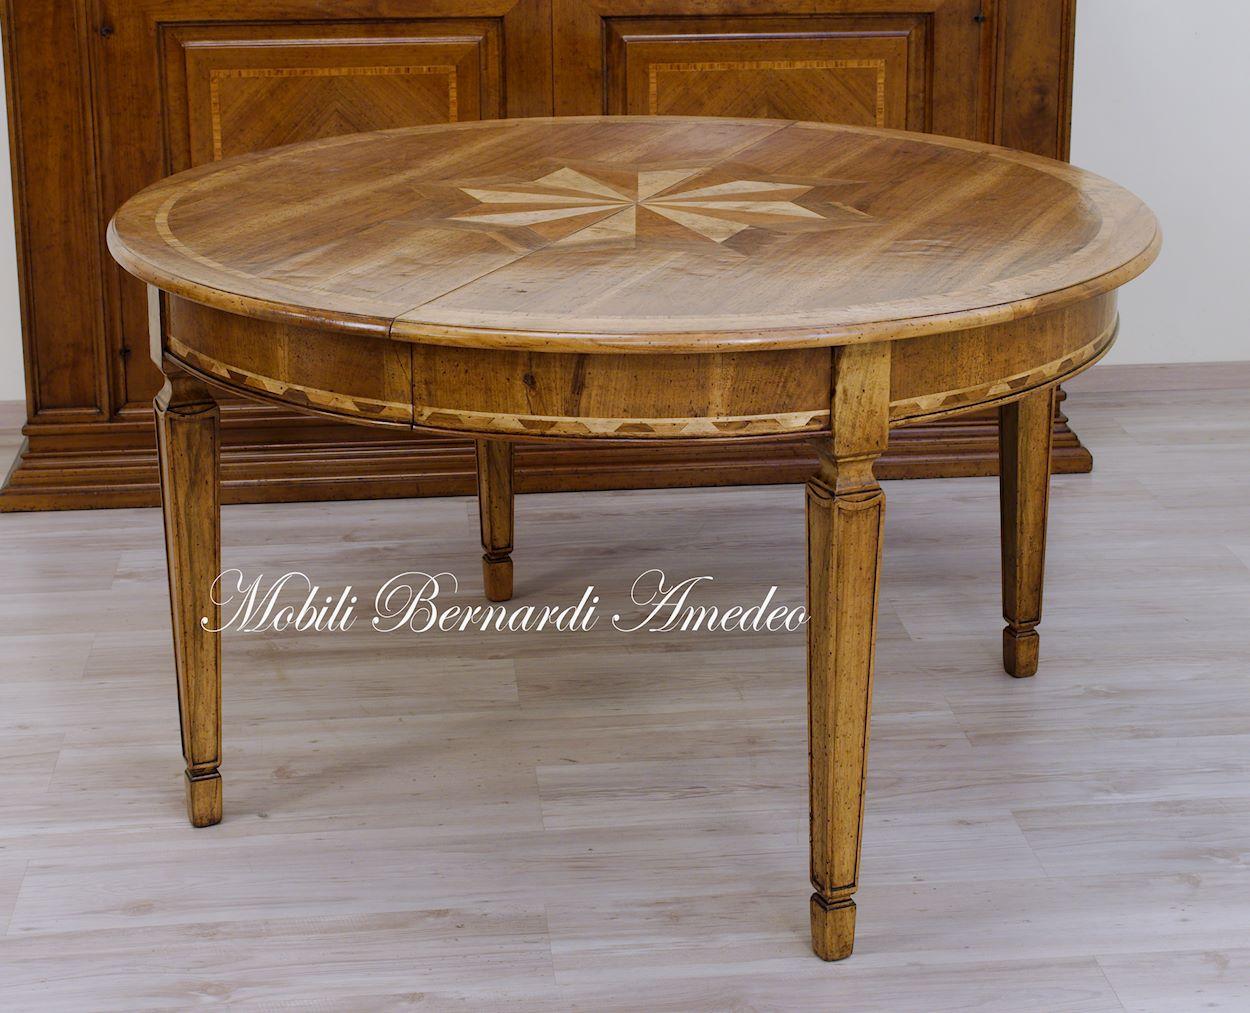 Tavolo rotondo noce ikea tavolo rotondo noce ikea la scelta giusta variata sul tavoli ikea - Ikea tavolo rotondo ...